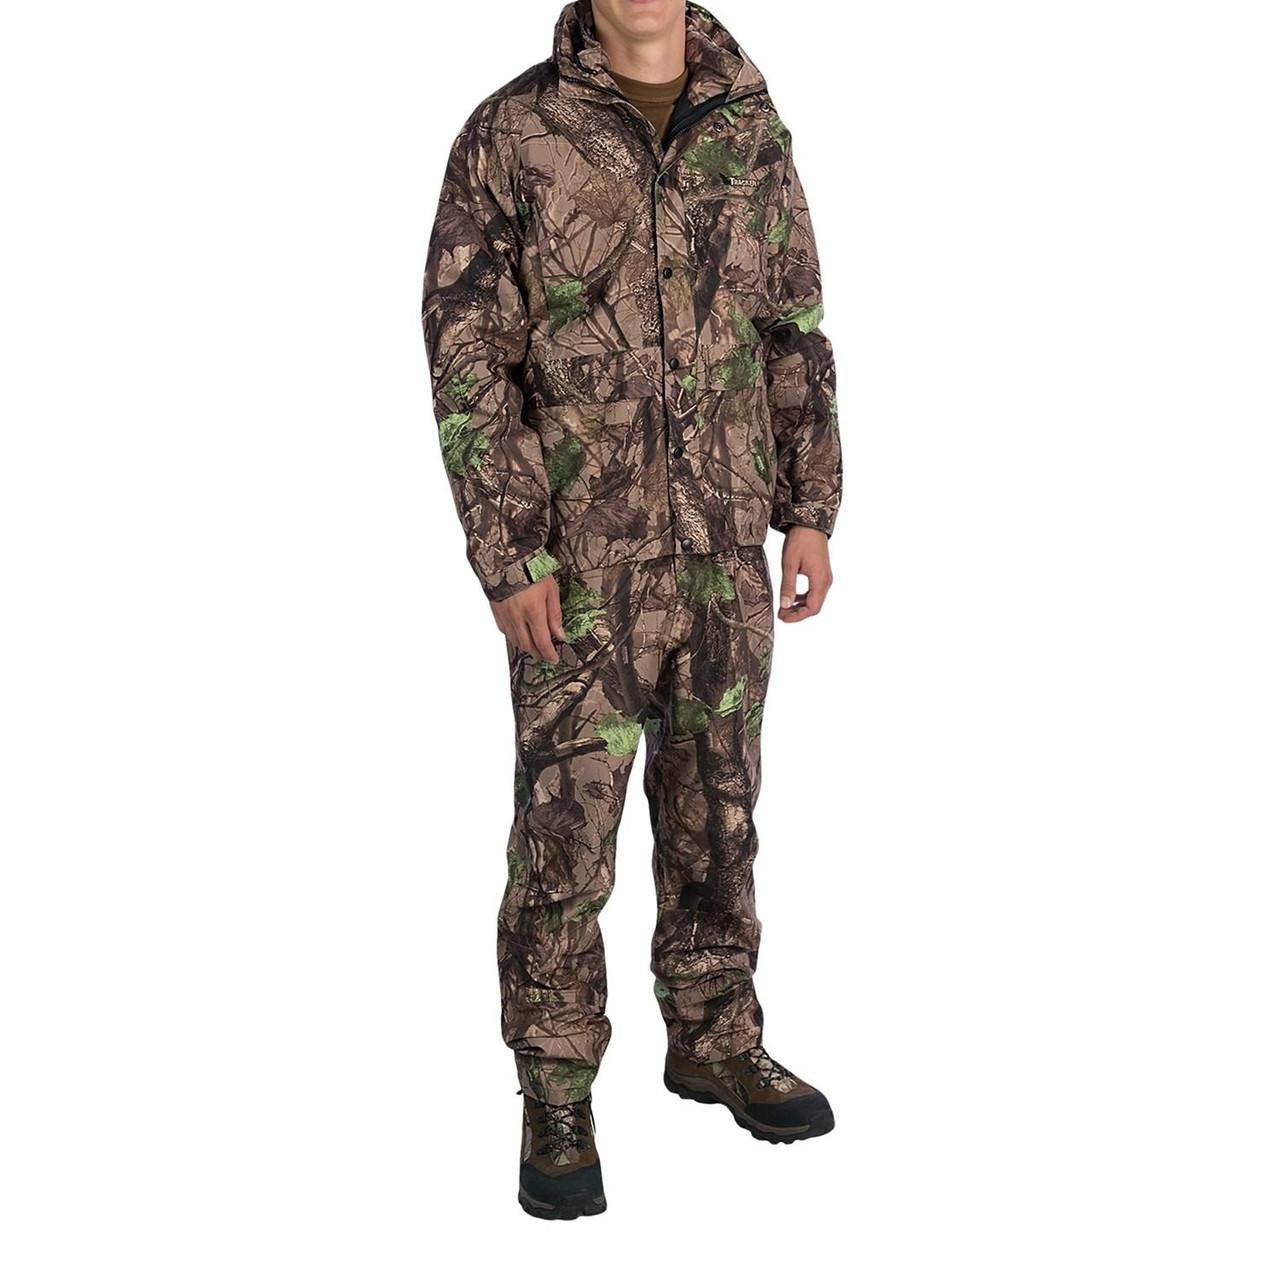 Костюм демисезонный для охоты и рыбалки Tracker Camo Jacket/Pants Set